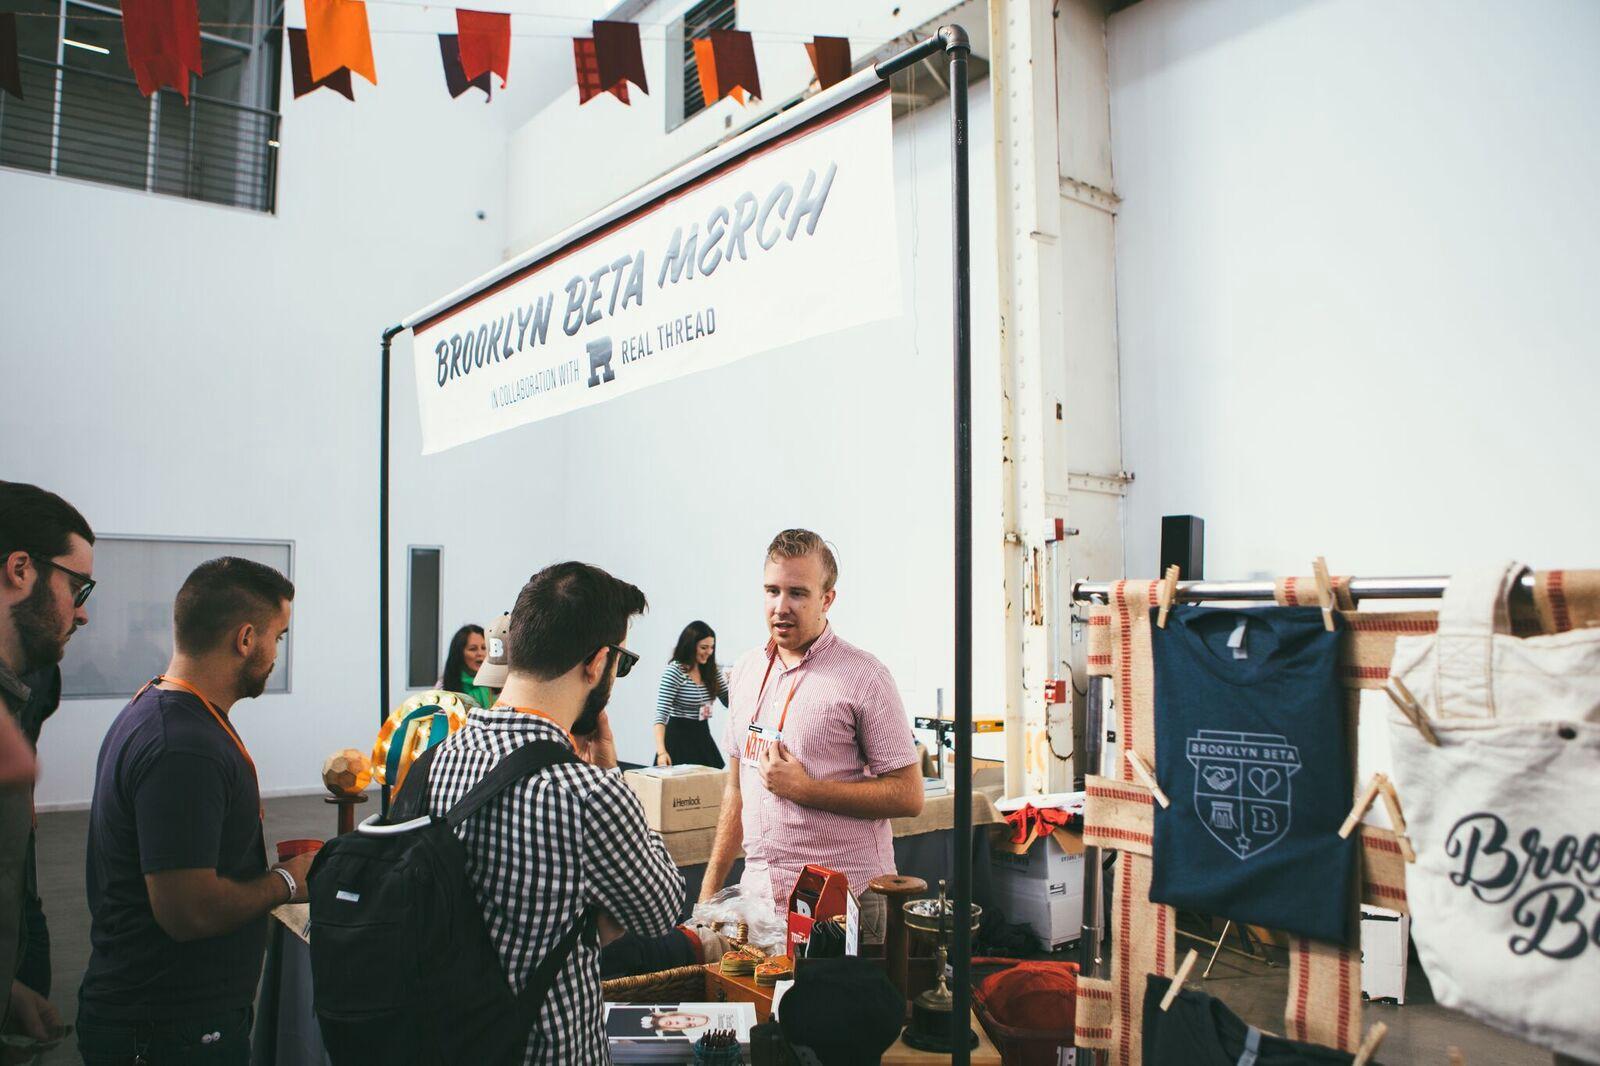 Brooklyn Beta Merch booth by Real Thread